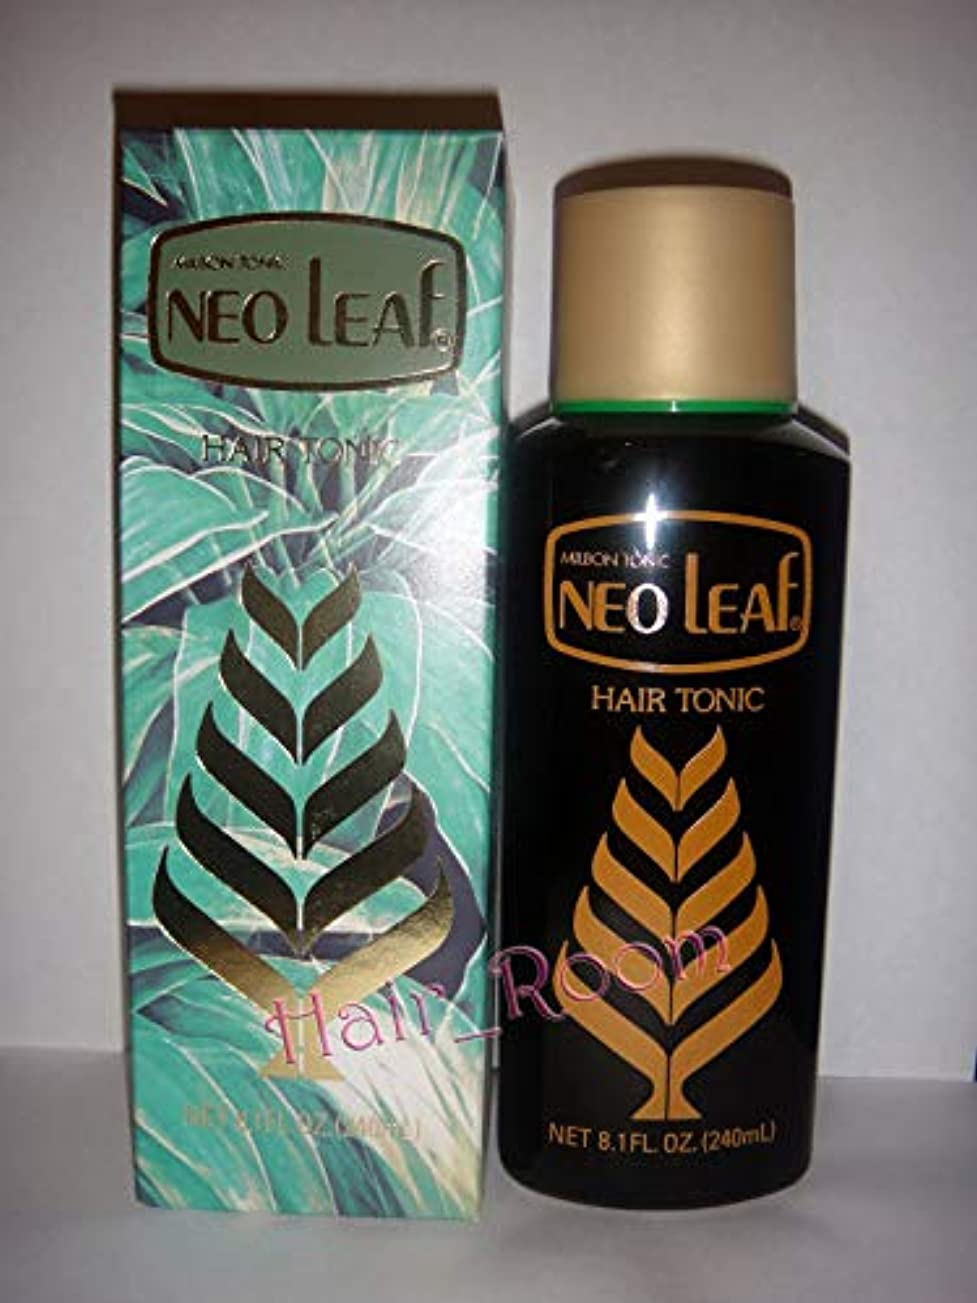 添加剤広告主くちばしNeo Leaf ミルボントニックヘアトニック240ミリリットル日本 - ハーブ抽出成分が毛根に栄養を与えます